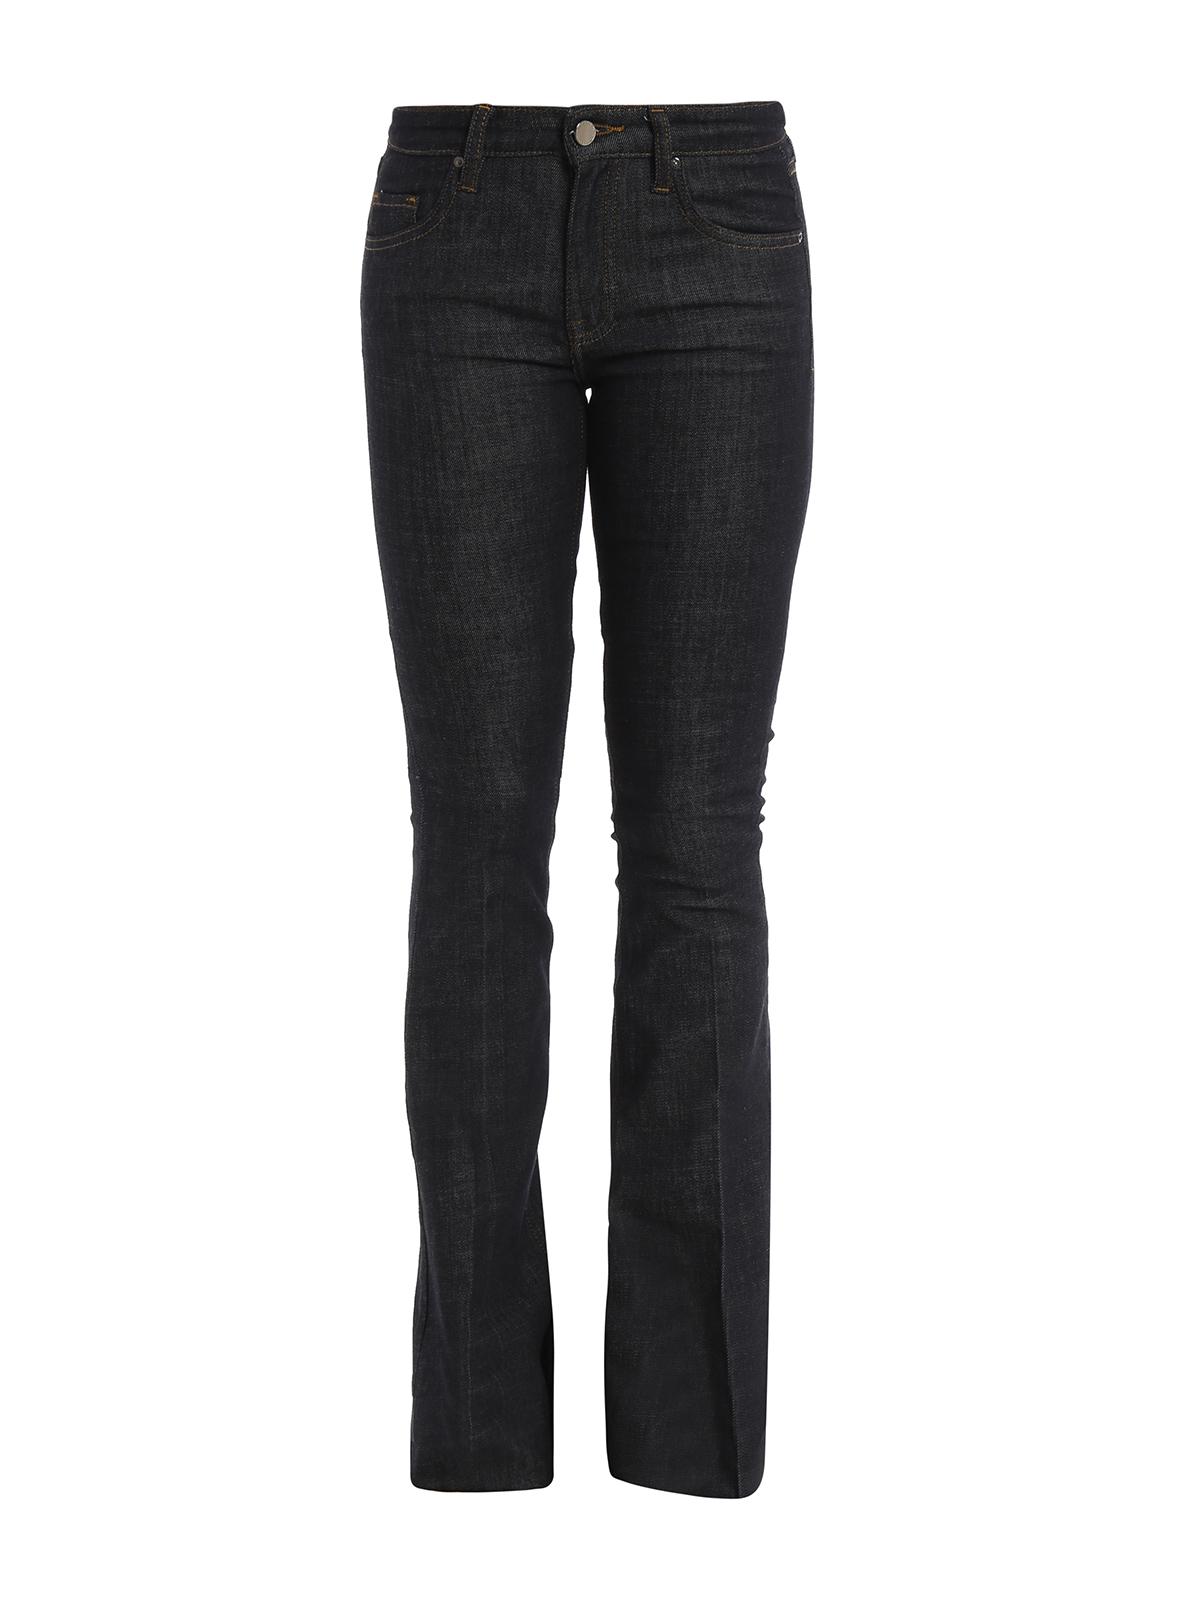 denim flared jeans by victoria beckham flared jeans ikrix. Black Bedroom Furniture Sets. Home Design Ideas